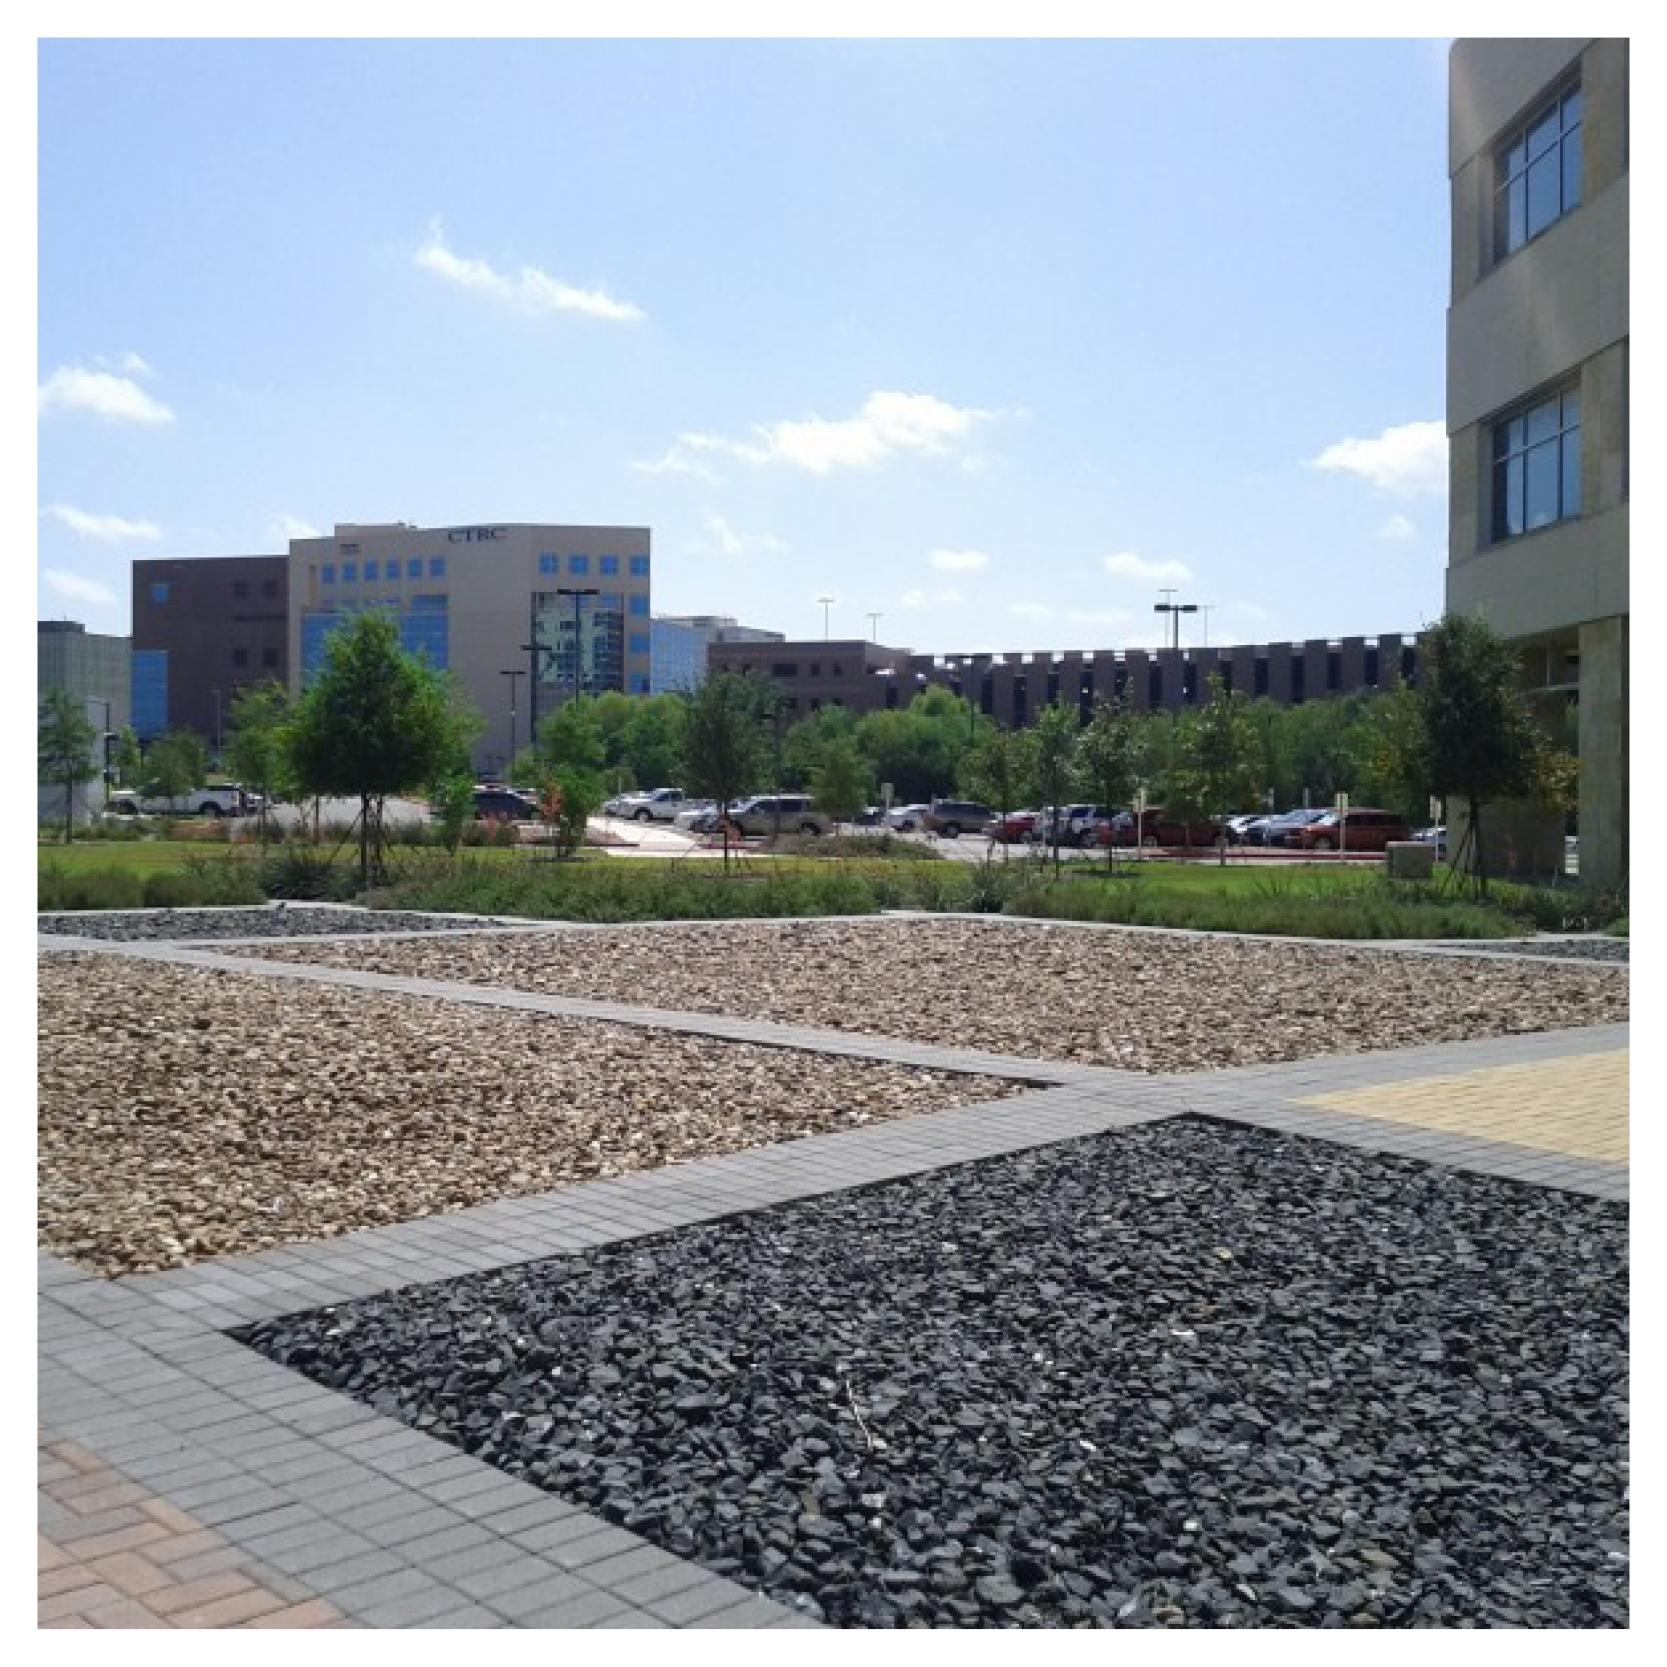 UT Health Sciences Center